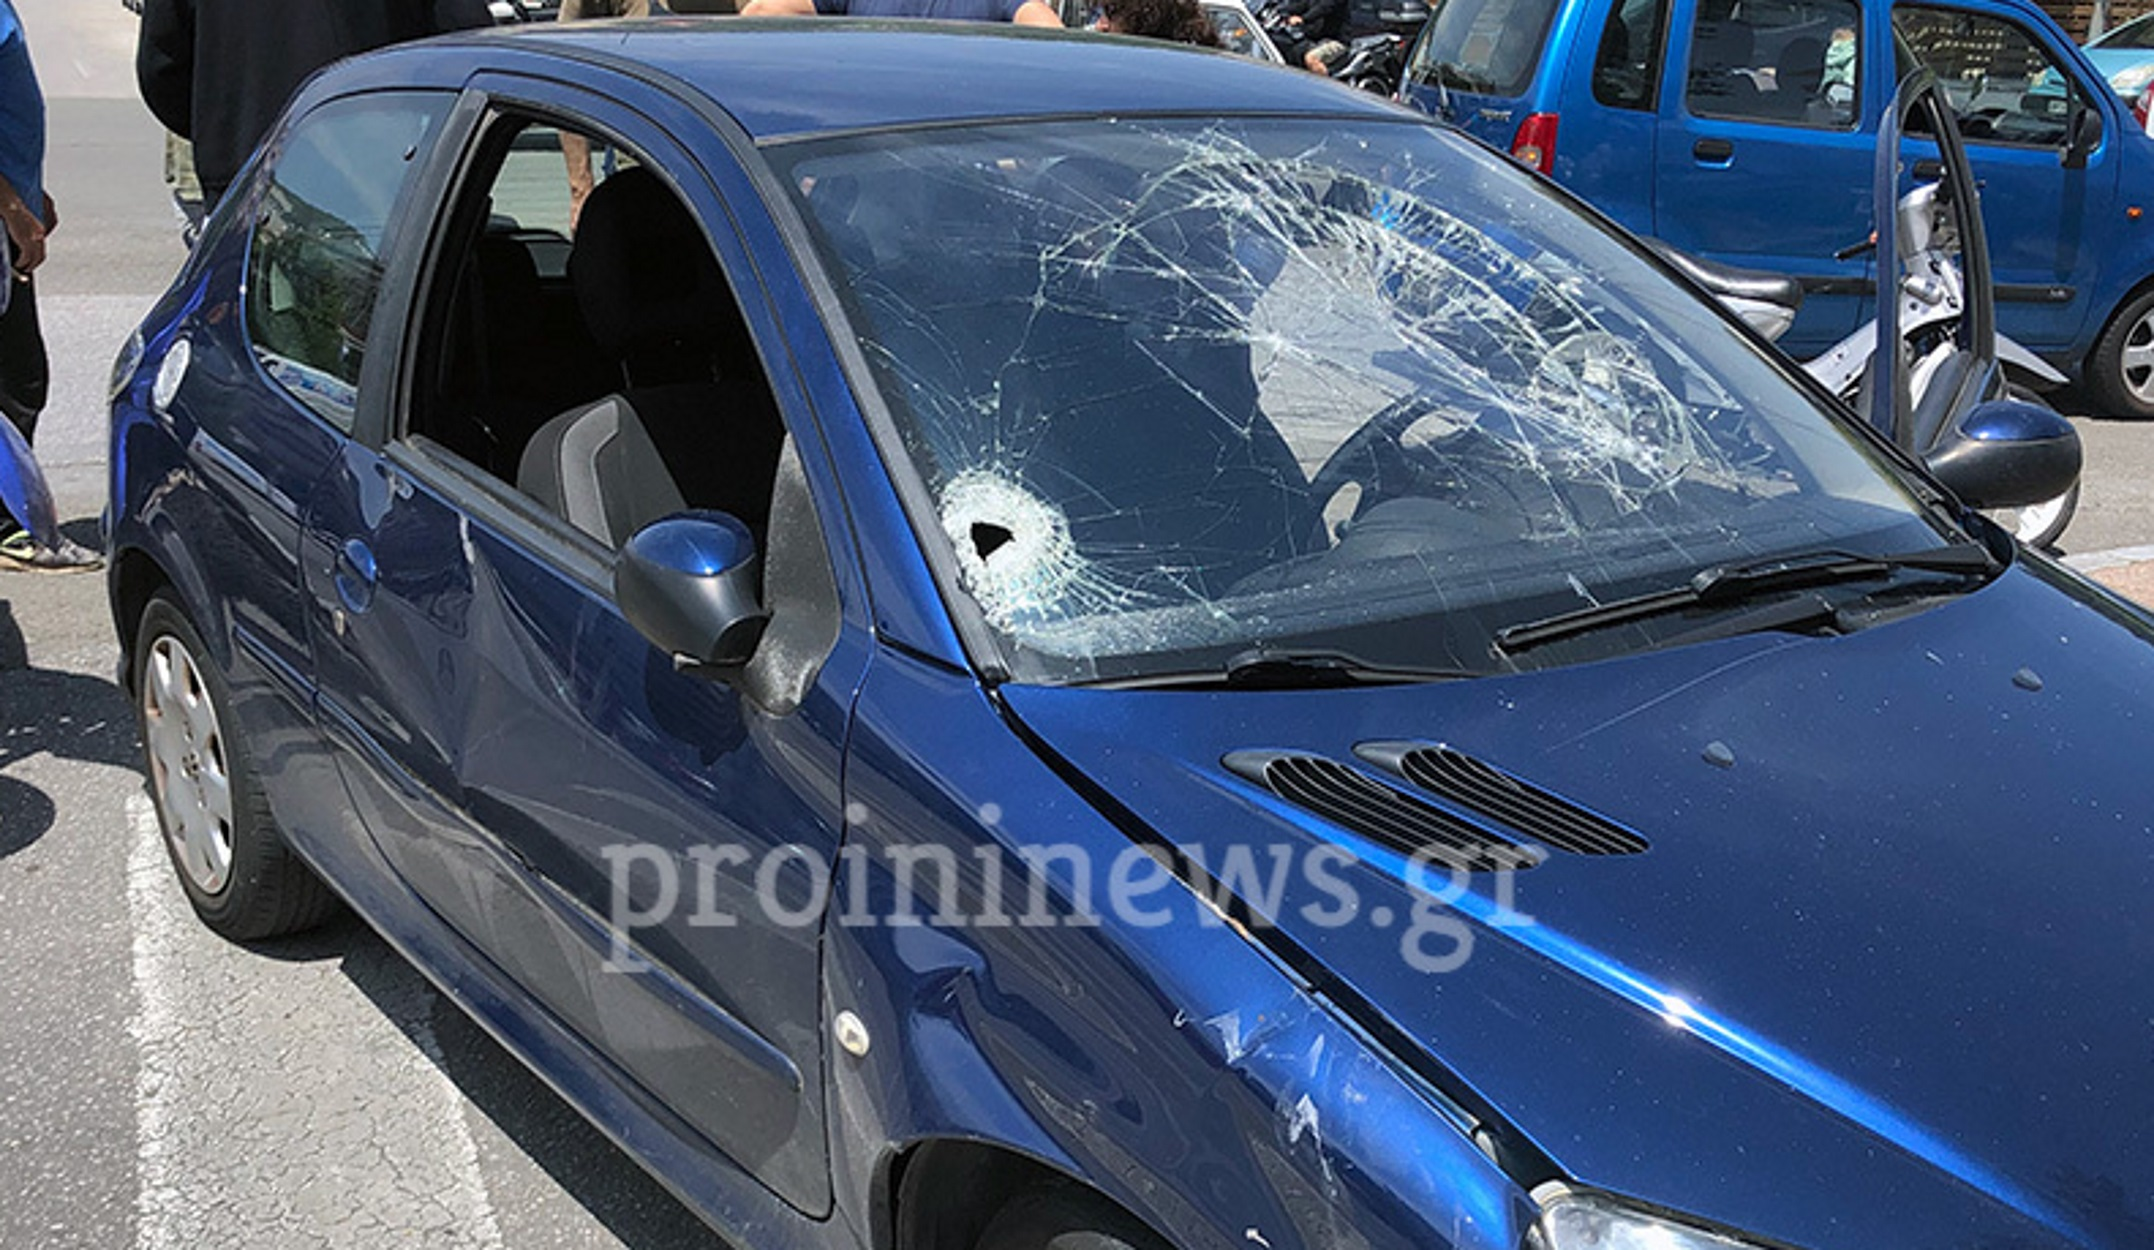 Σοκαριστικό τροχαίο στην Καβάλα: Βρέθηκε πάνω στο παρμπρίζ αυτοκινήτου (pics)